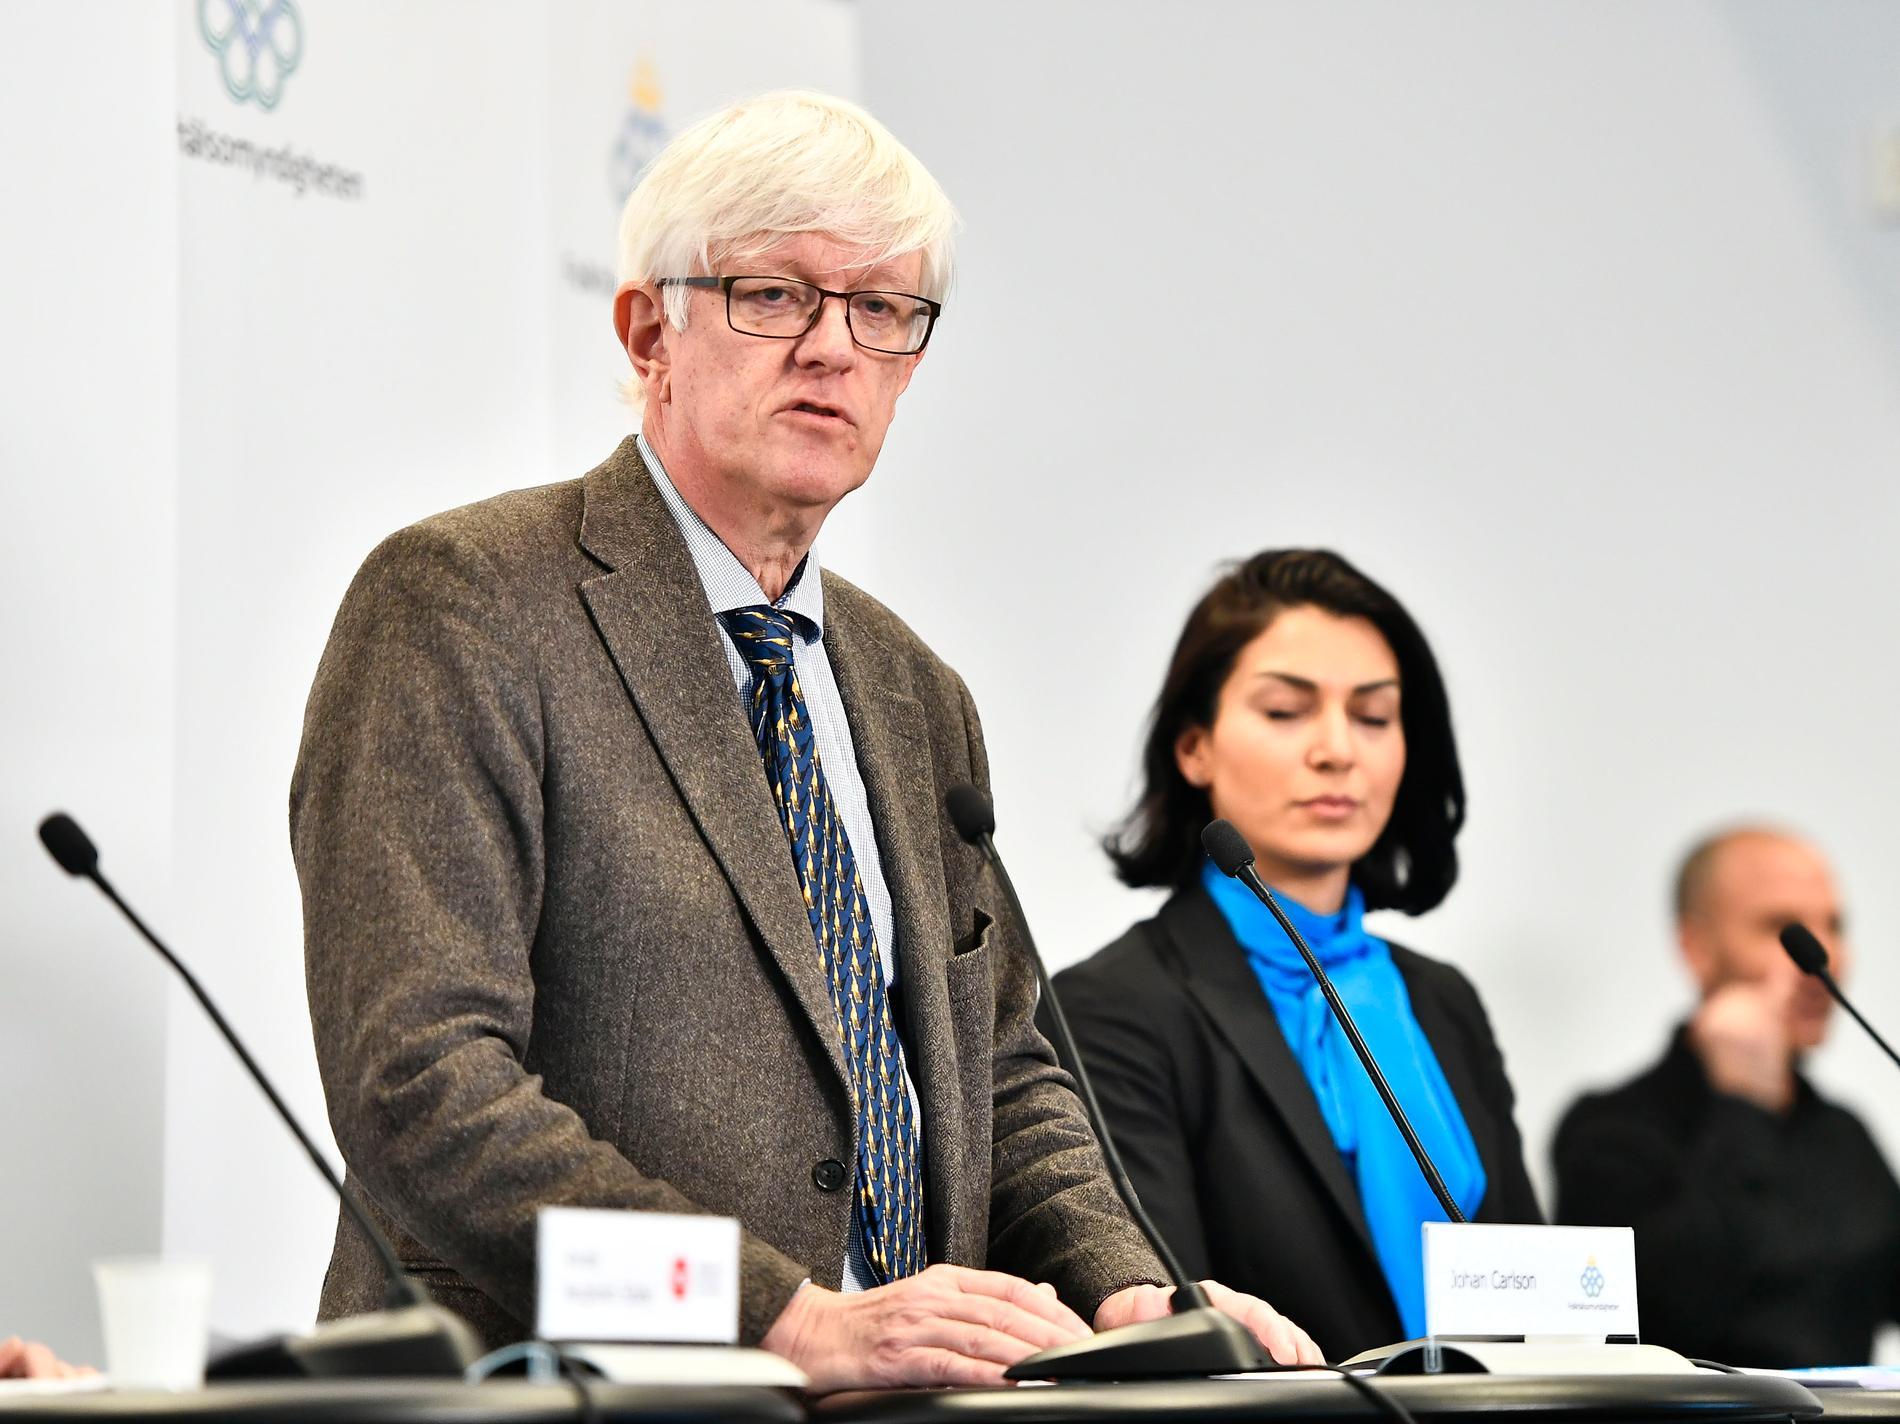 Johan Carlsson (GD Folkhälsomyndigheten) och Taha Alexandersson (Socialstyrelsen) vid fredagens presskonferens på Folkhälsomyndigheten.